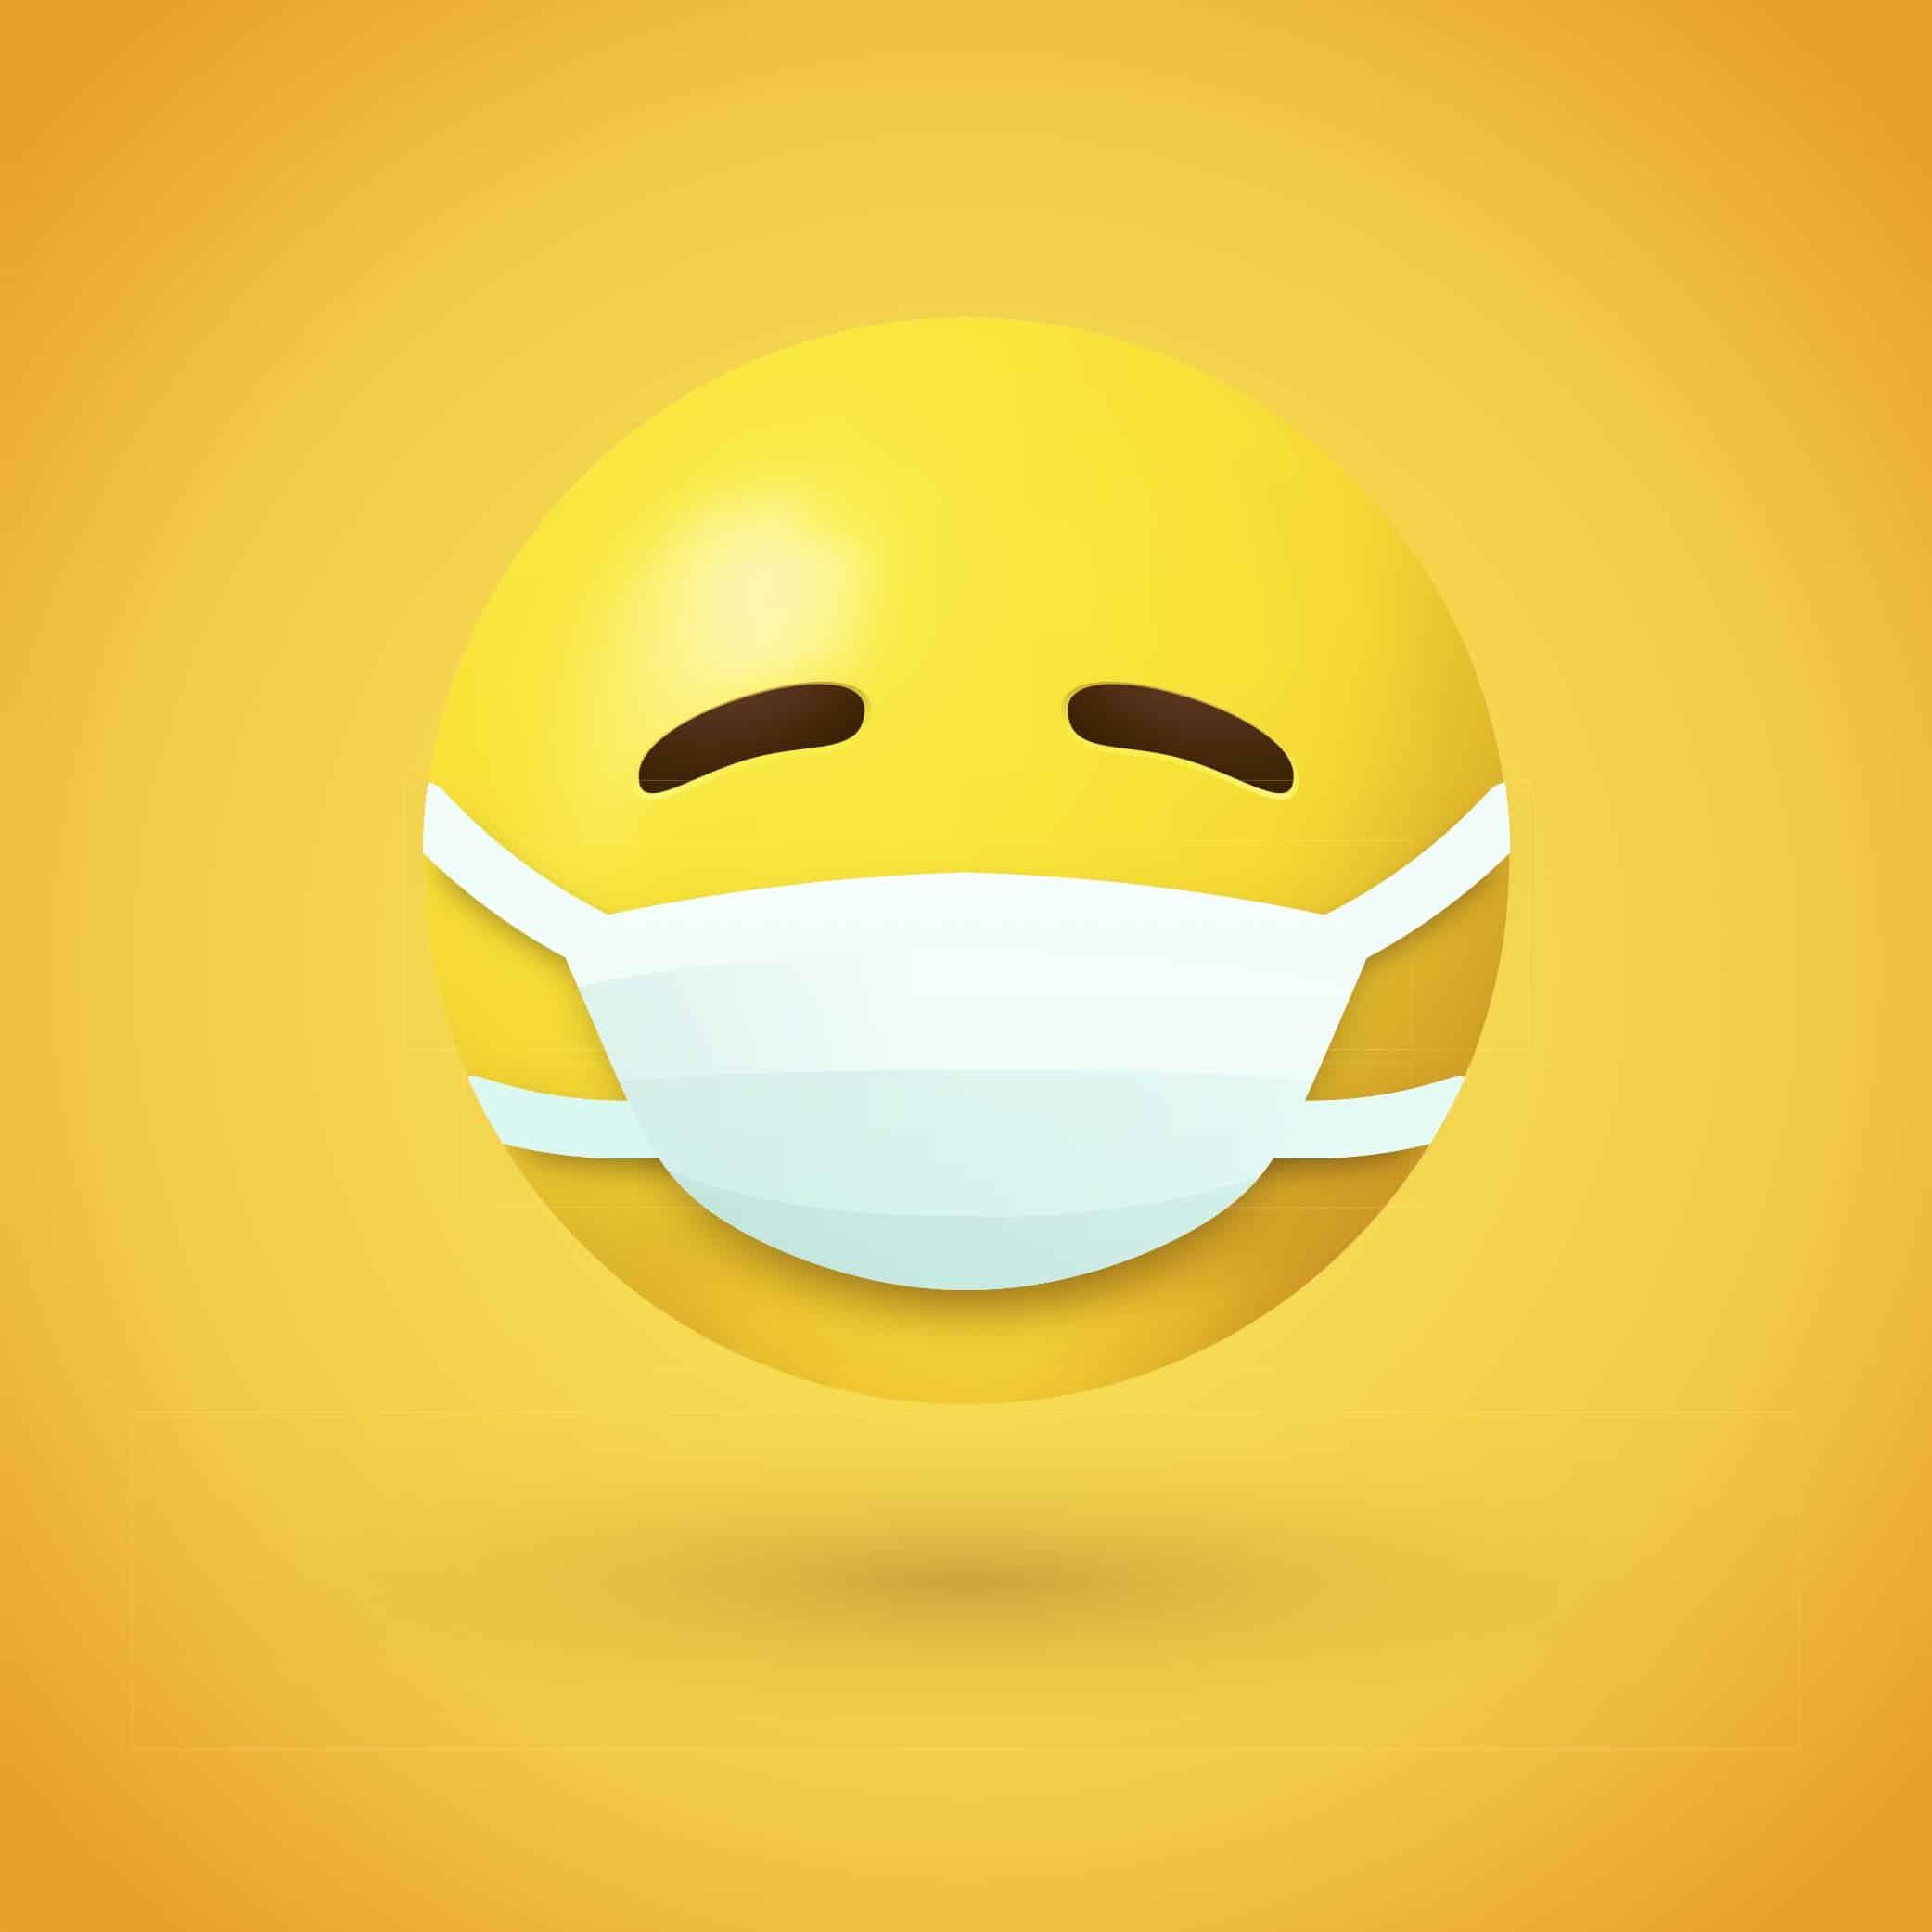 Emoji de máscara